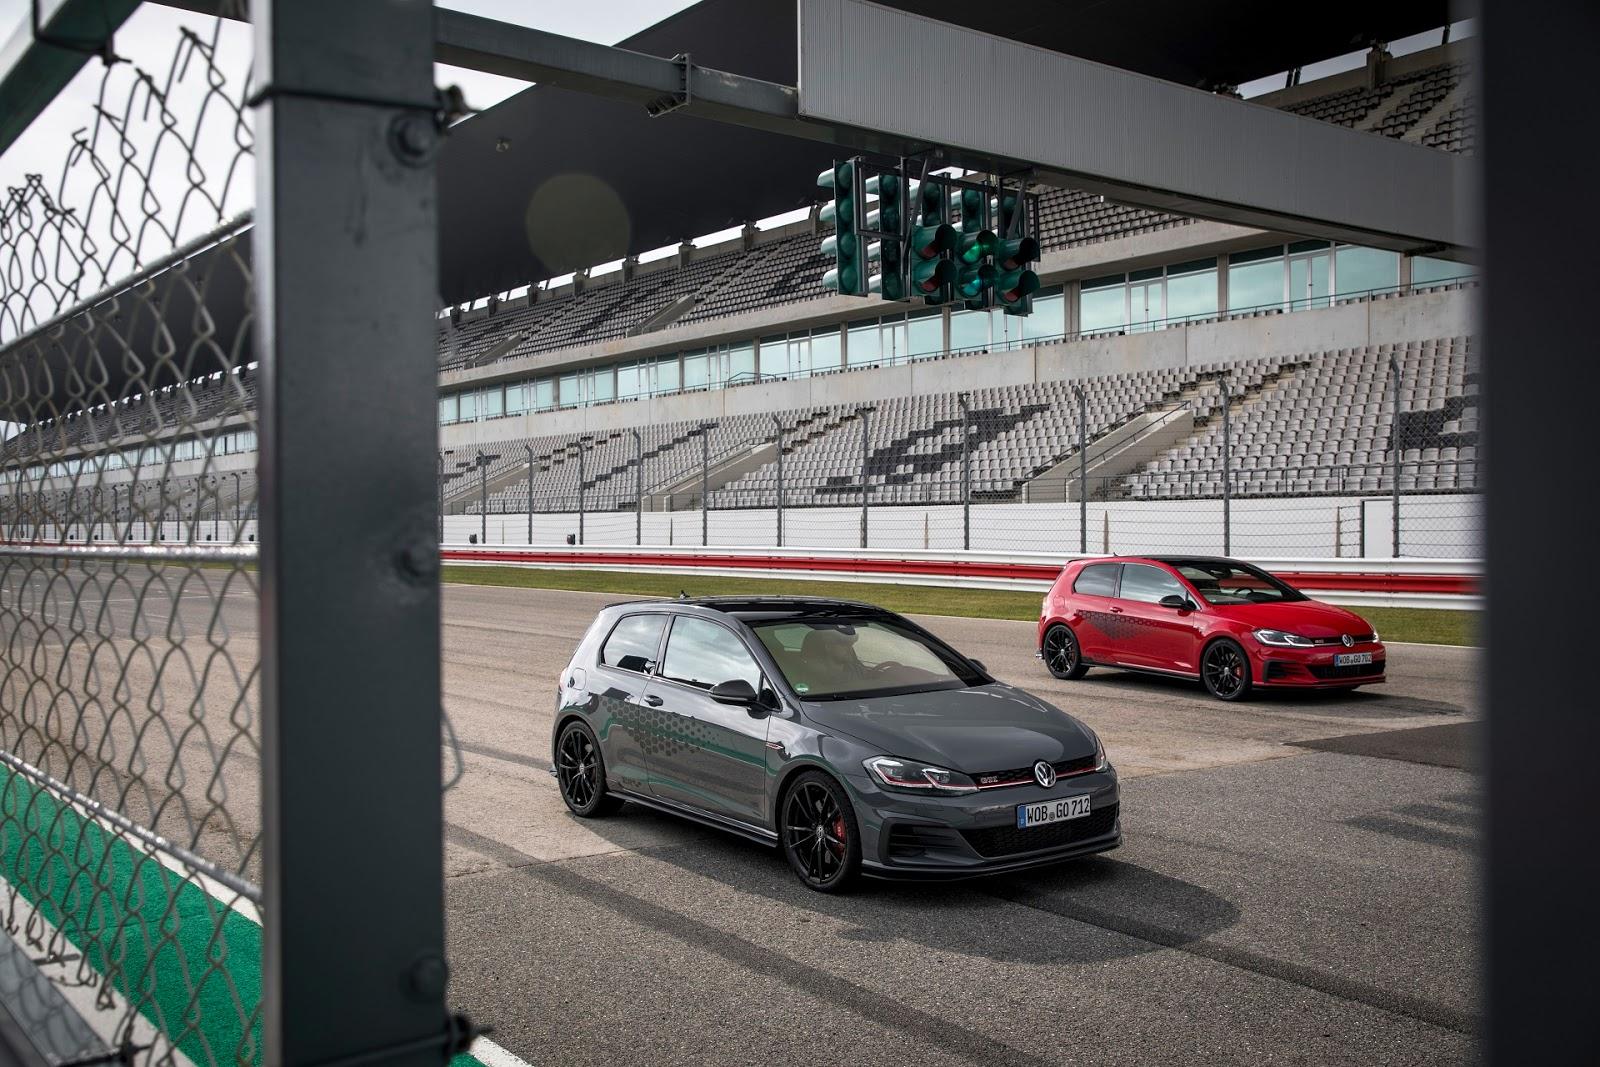 NEO2BVOLKSWAGEN2BGOLF2BGTI2BTCR 5 Σε τι τιμή διατίθεται το γρηγορότερο Golf GTI ever; Hot Hatch, Volkswagen, Volkswagen Golf, Volkswagen Golf GTI, VW, VW Golf GTI, zblog, μοντέλα